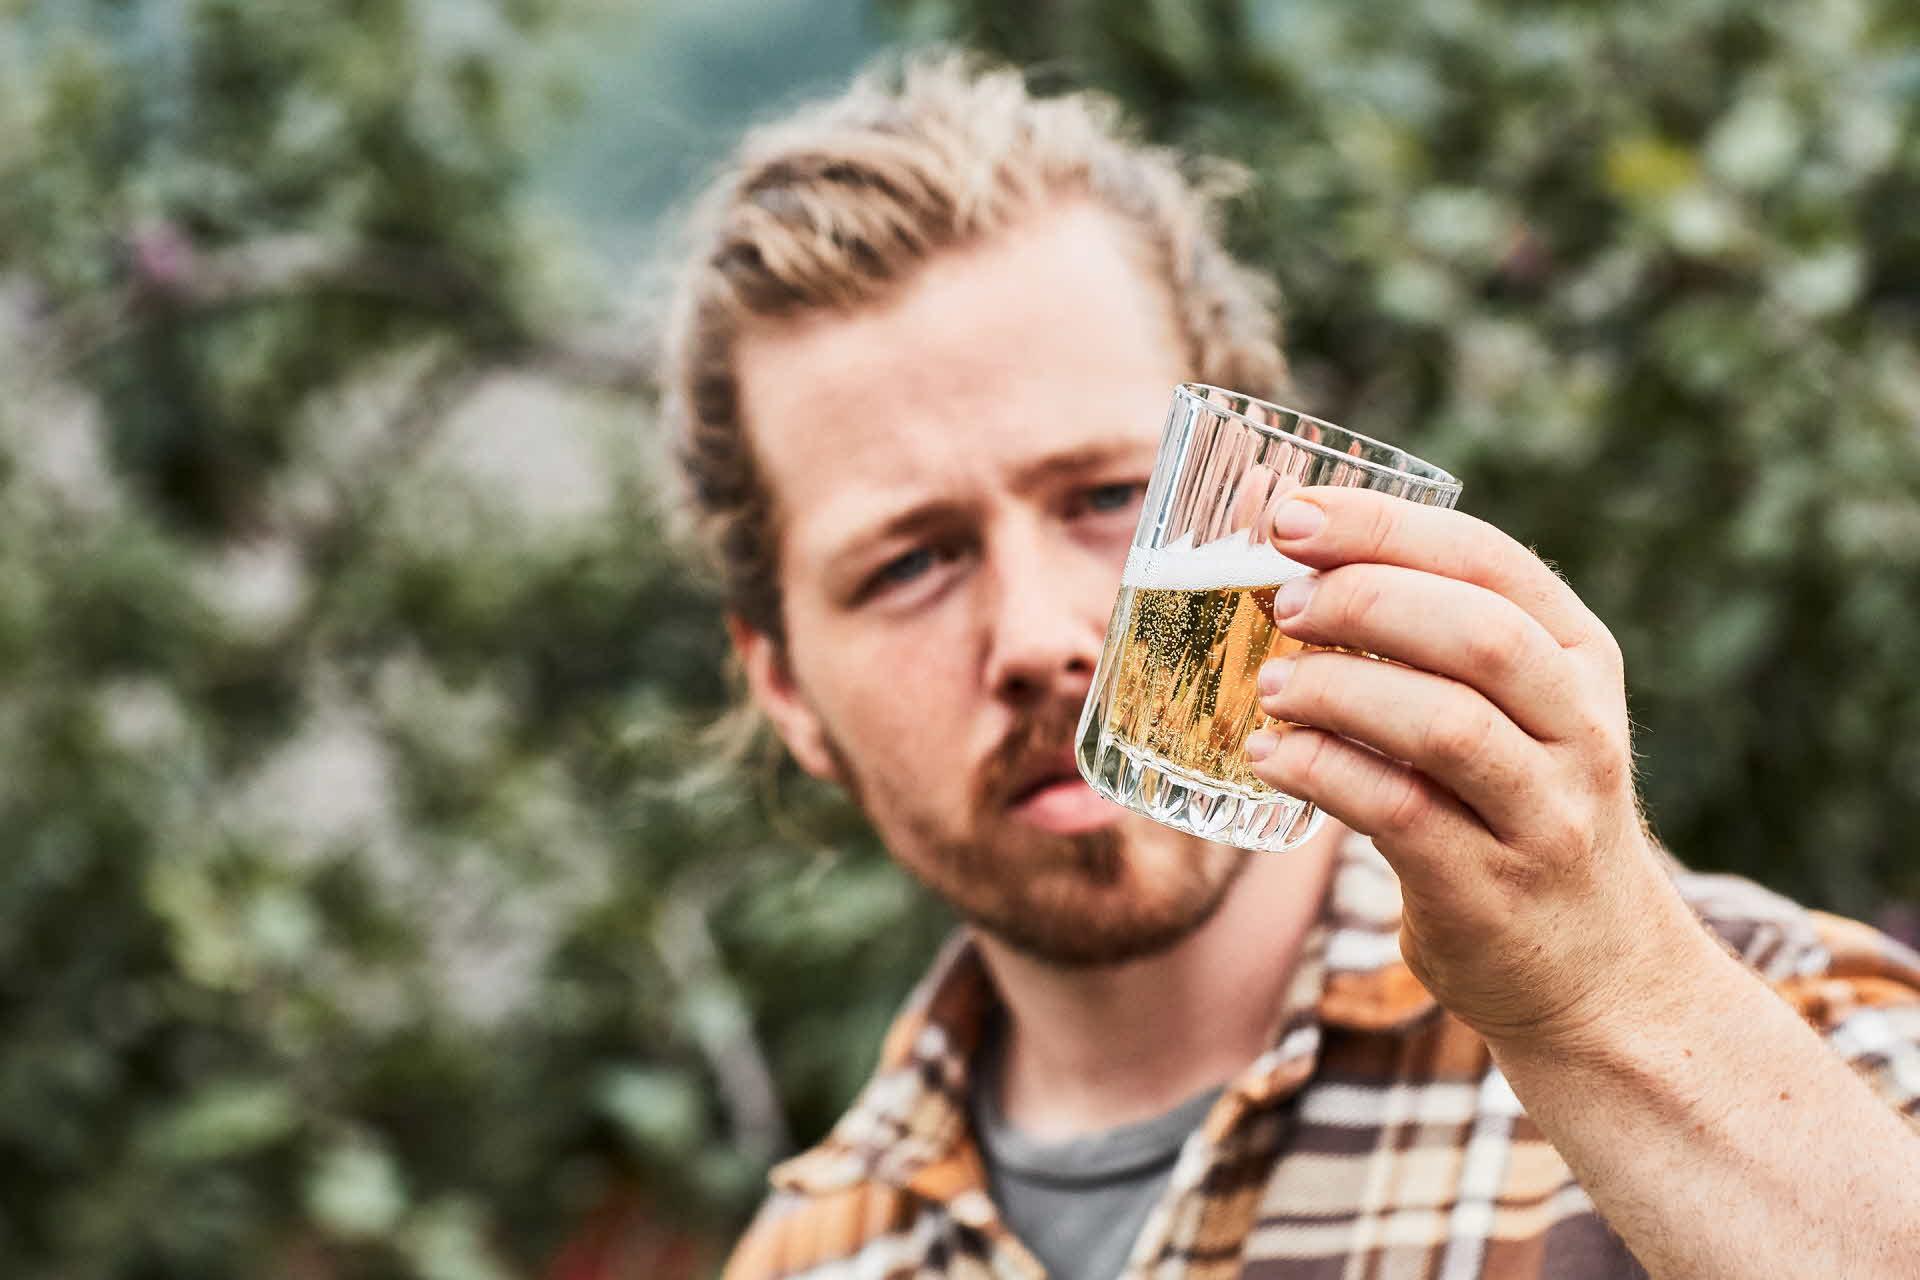 Un agricultor de manzanas examinando la sidra recién escanciada en un vaso en Hardanger (Noruega)